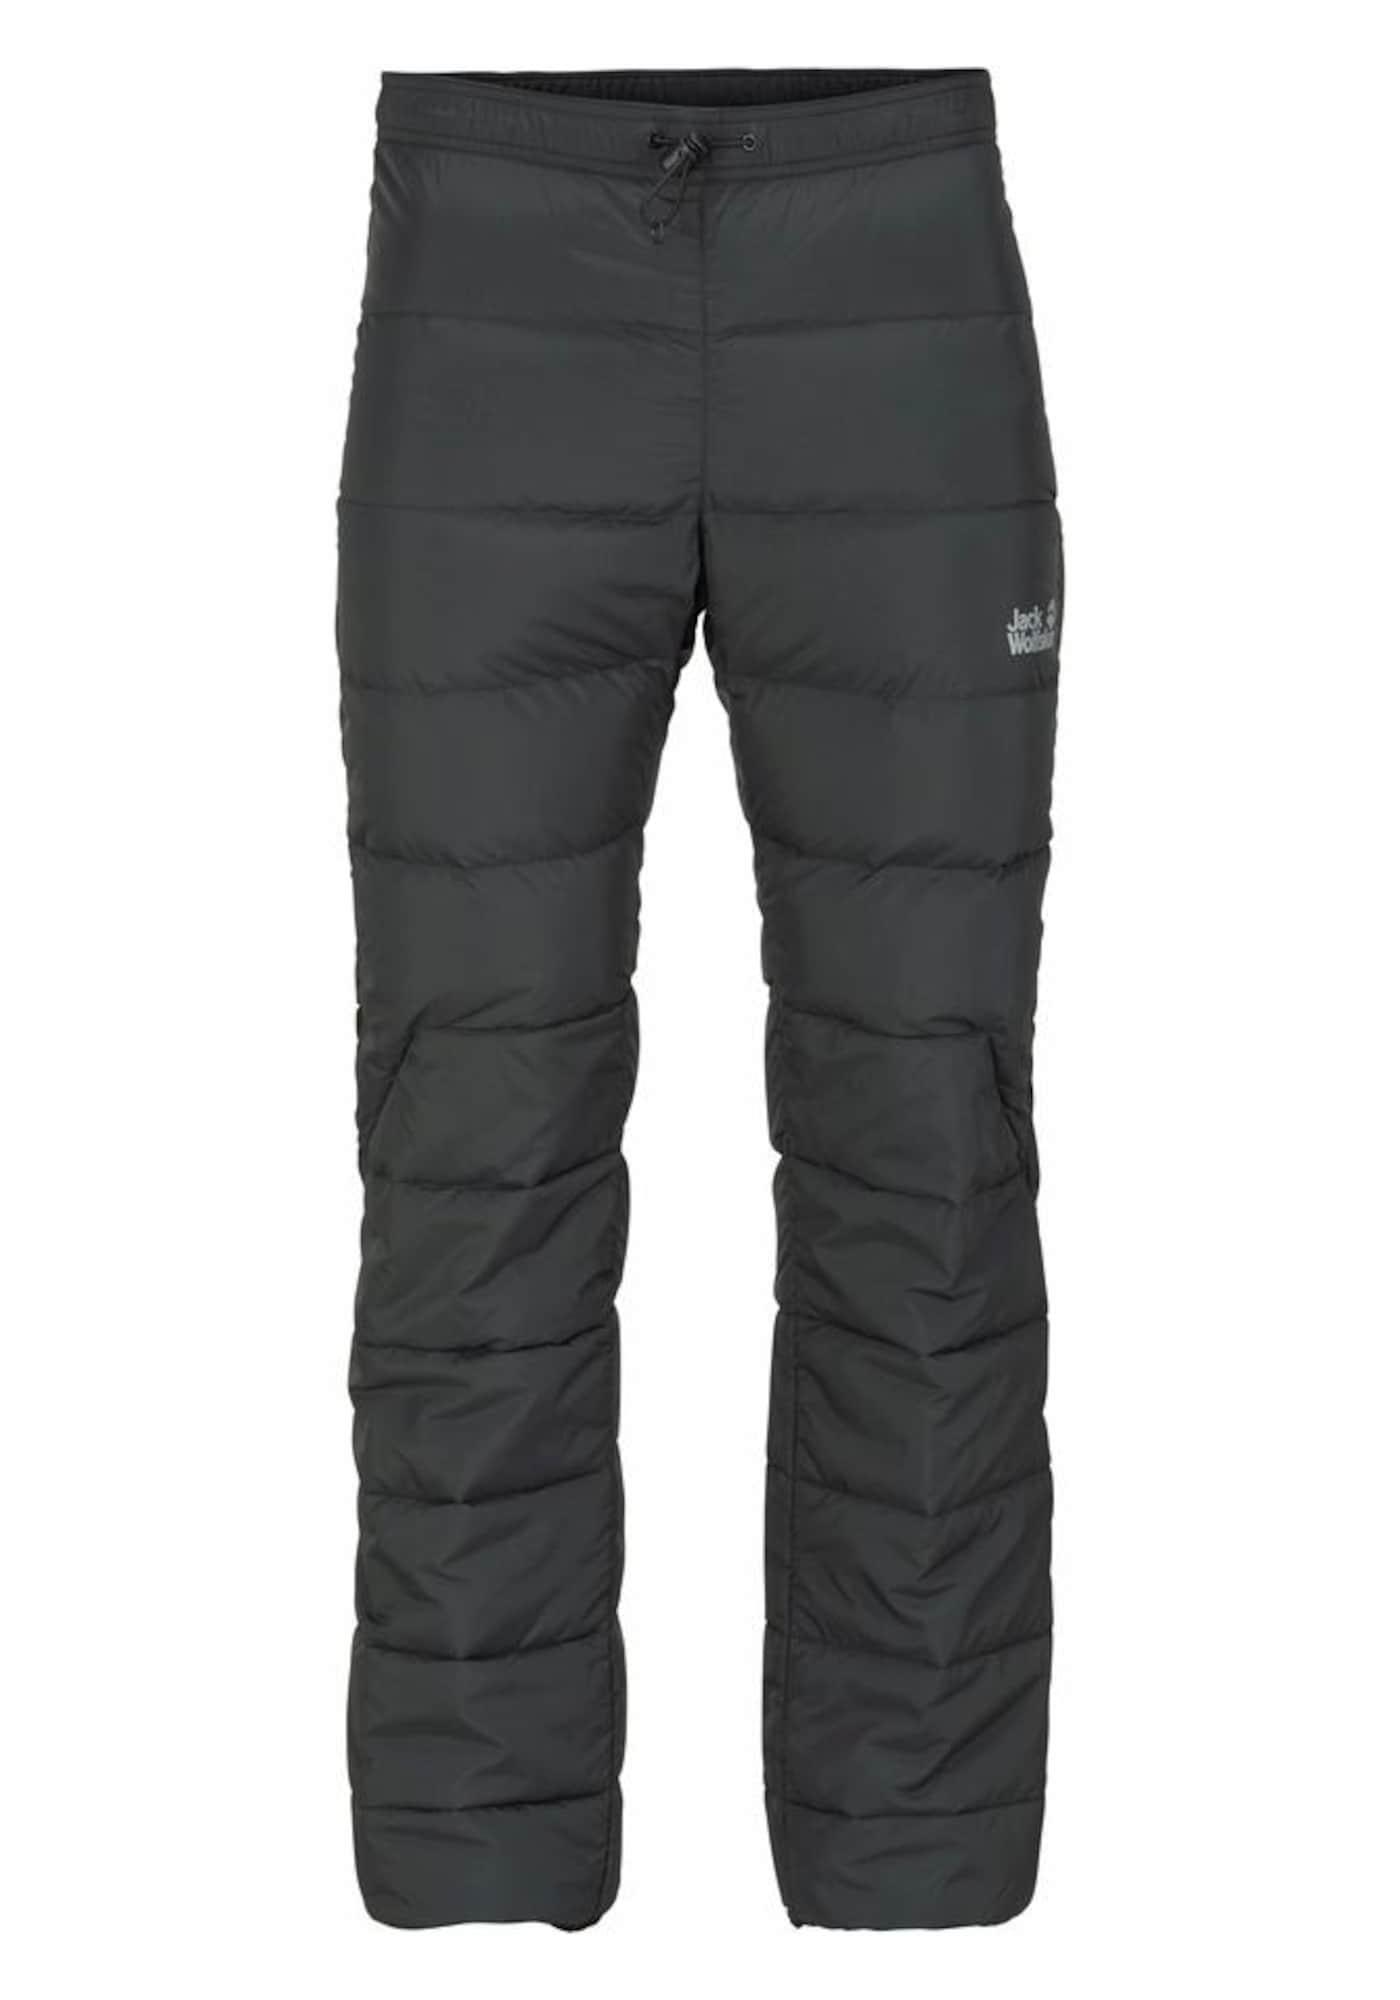 Outdoorové kalhoty ATMOSPHERE PANTS černá JACK WOLFSKIN